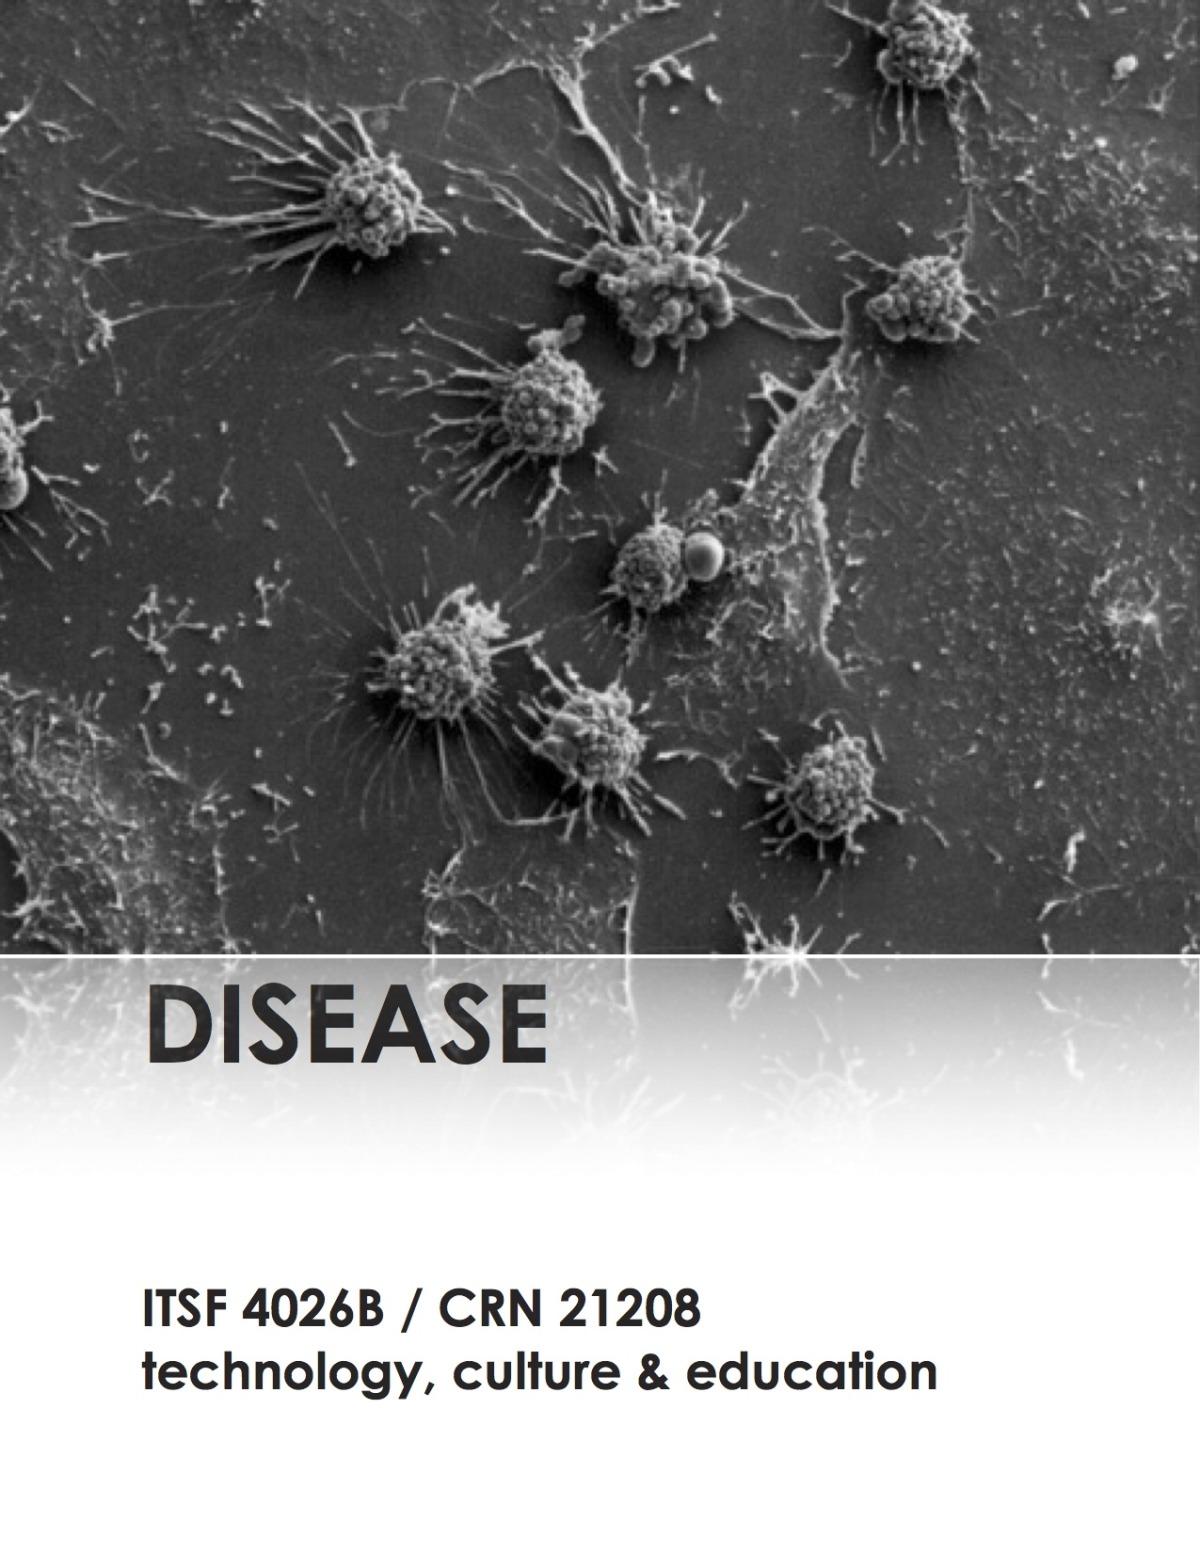 itsf 4026b flyers - disease.jpg